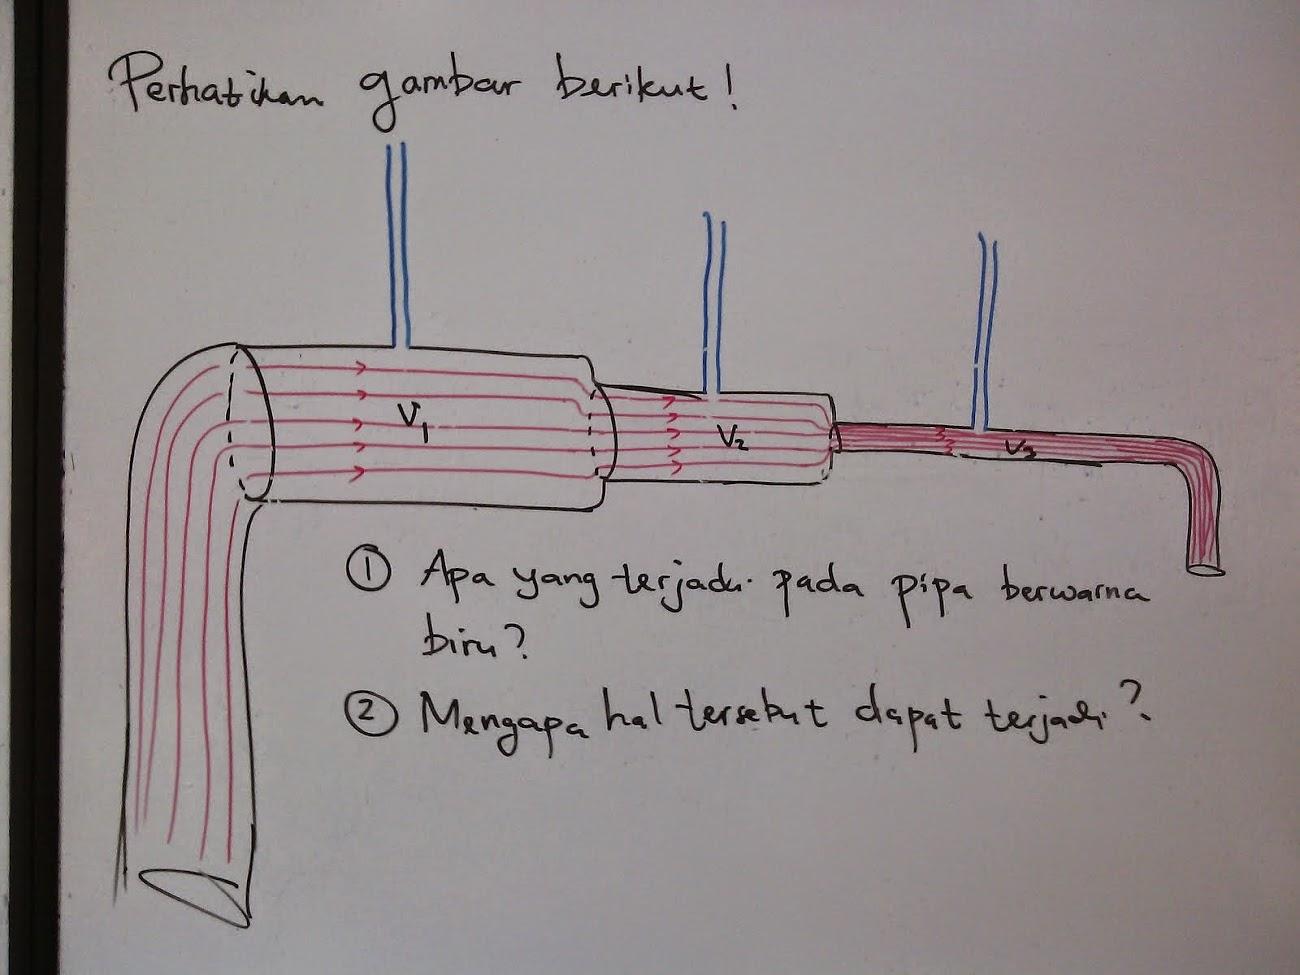 Fisika Siswa Soal 1 Pembahasan Soal Olimpiade Fisika Sma